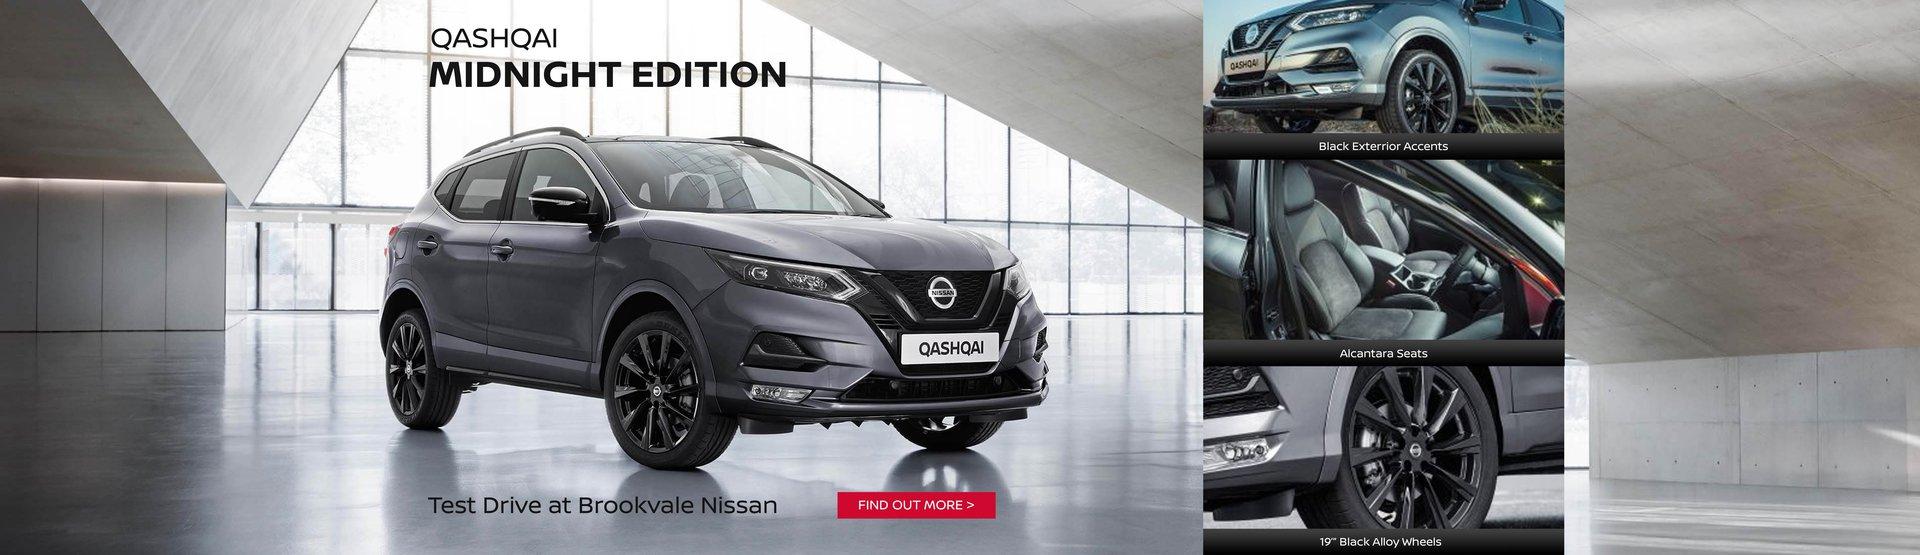 Brookvale Nissan | Qashqai